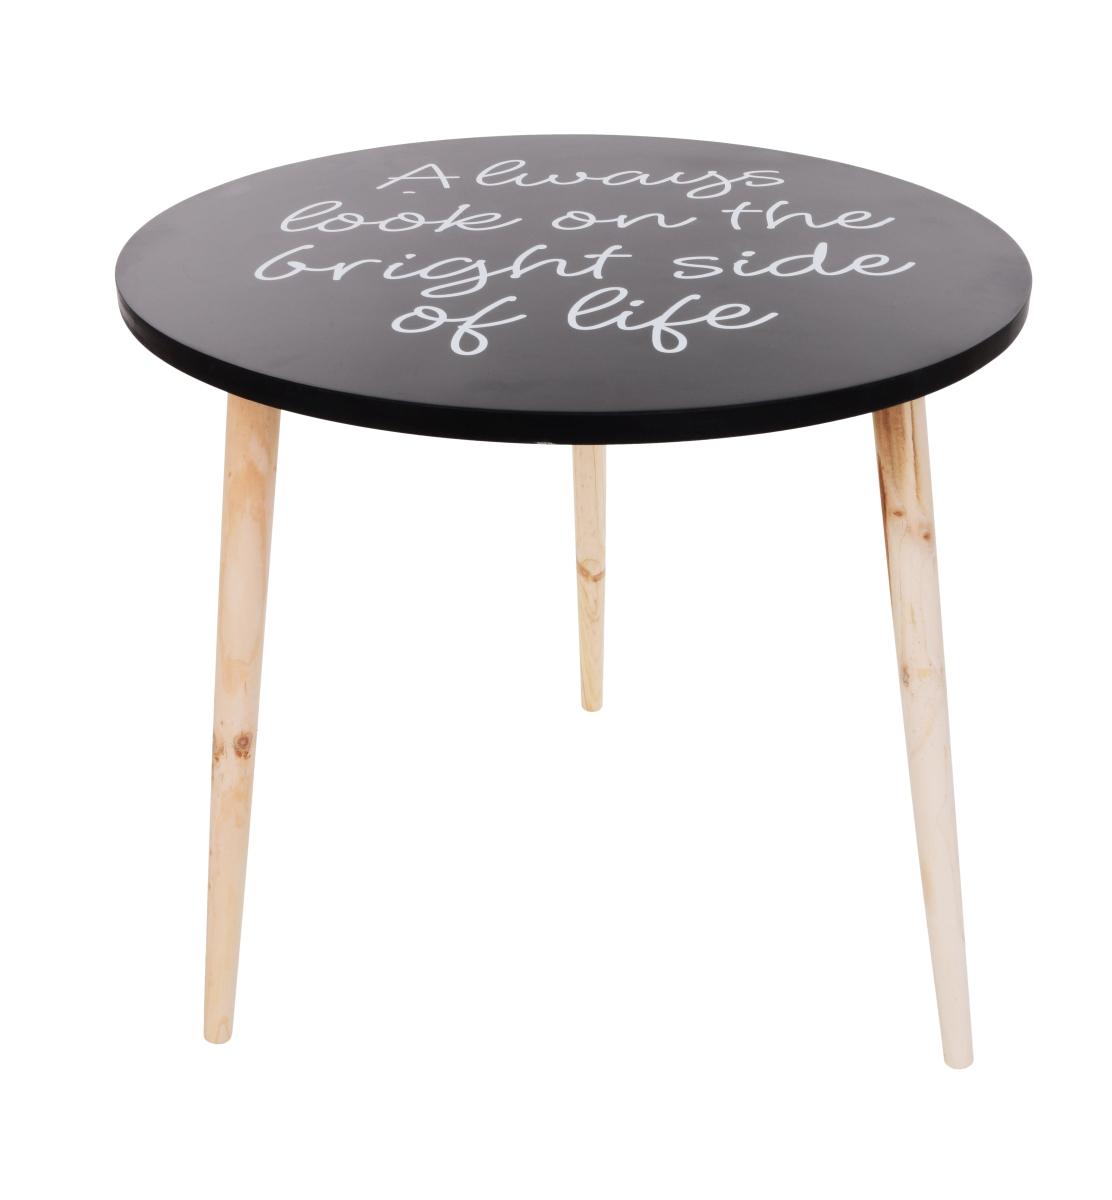 Kulatý stolek Trojnožka s nápisy, veký